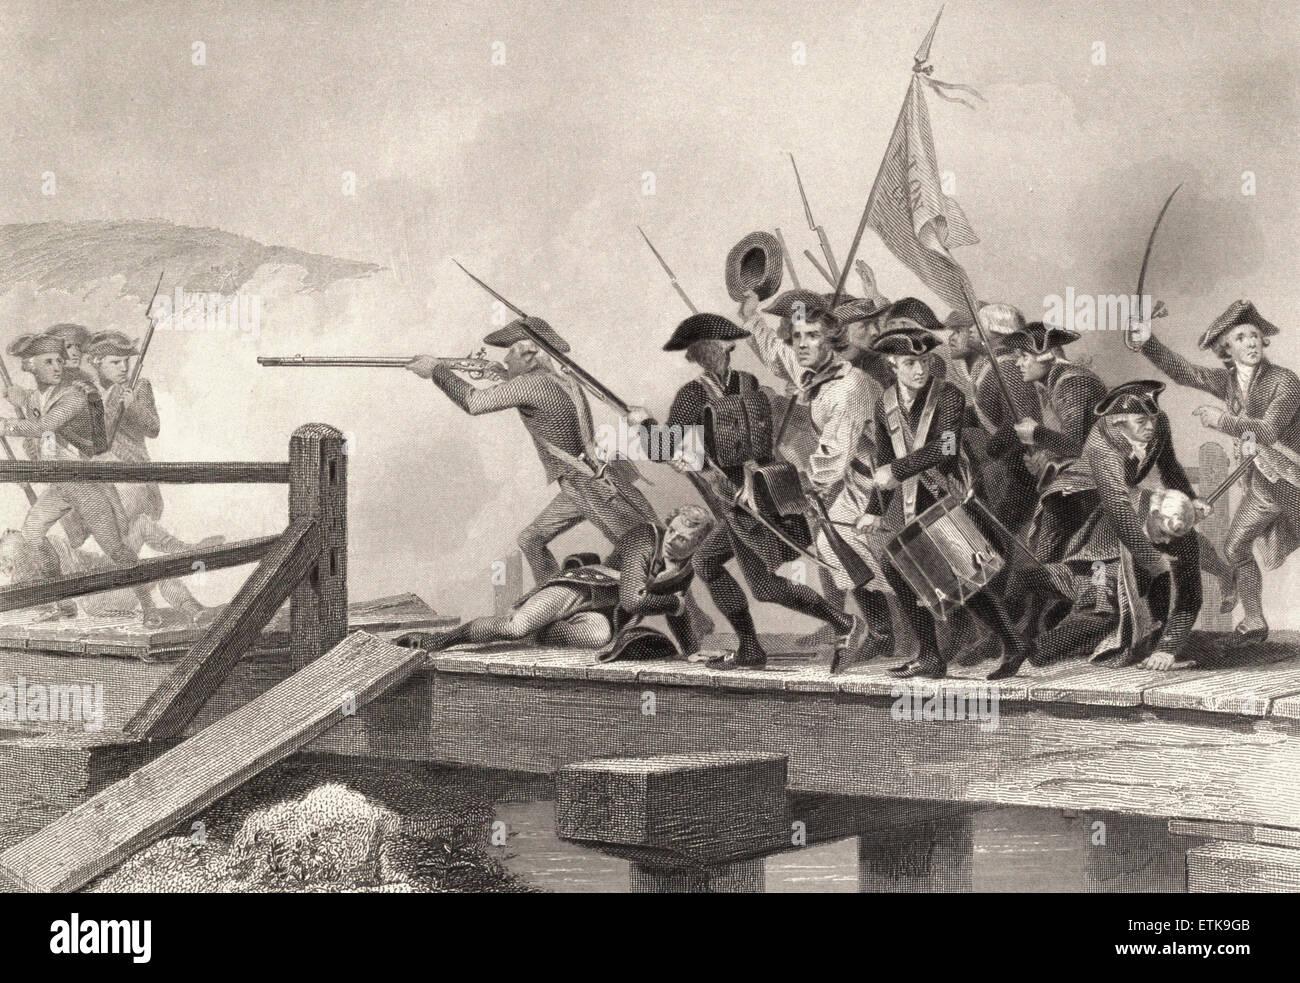 Struggle on Concord Bridge, Battle of Concord, American Revolution - Stock Image